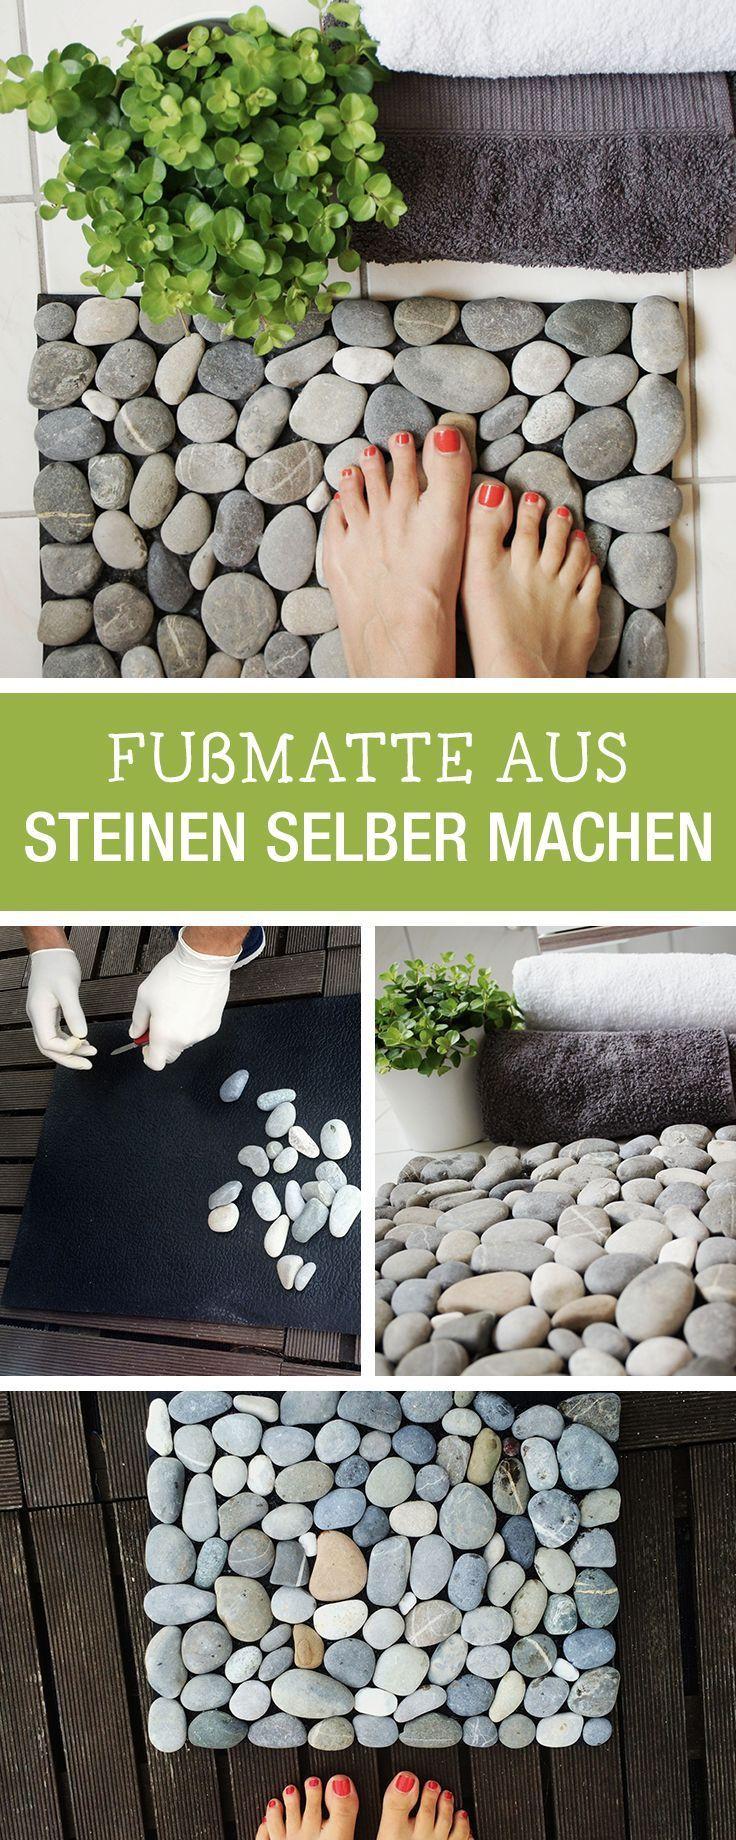 Mitte jahrhundert badezimmer dekor diyanleitung fußmatte aus steinen selbst machen deine